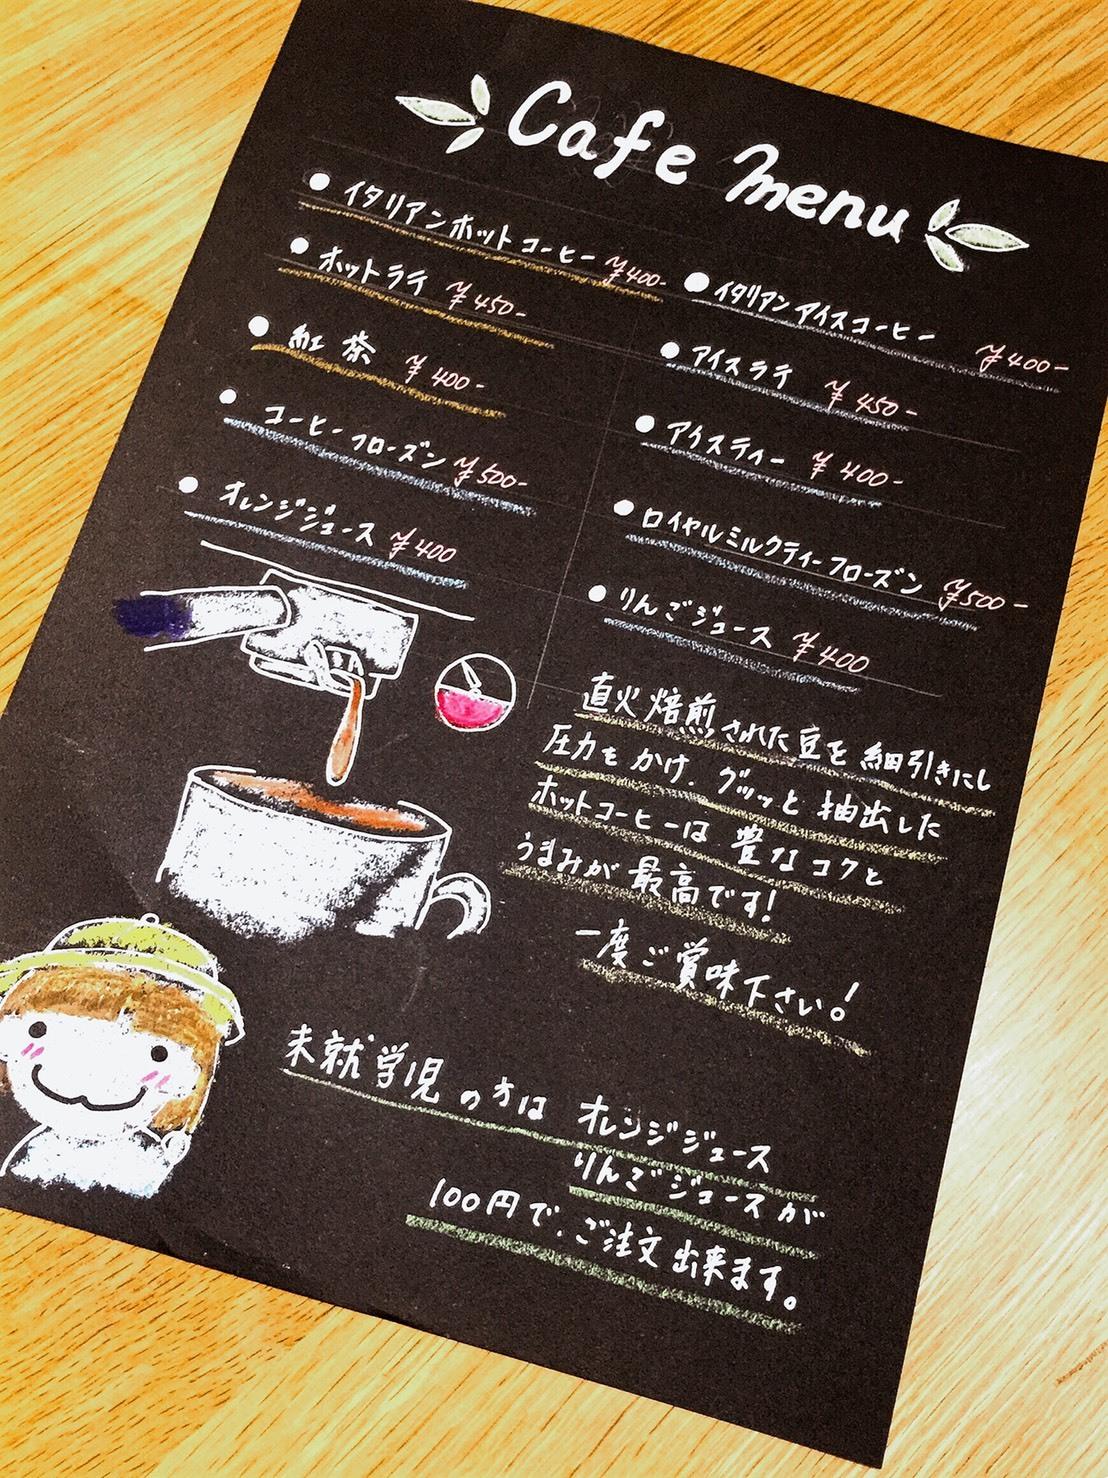 cafe BOBBIN メニュー